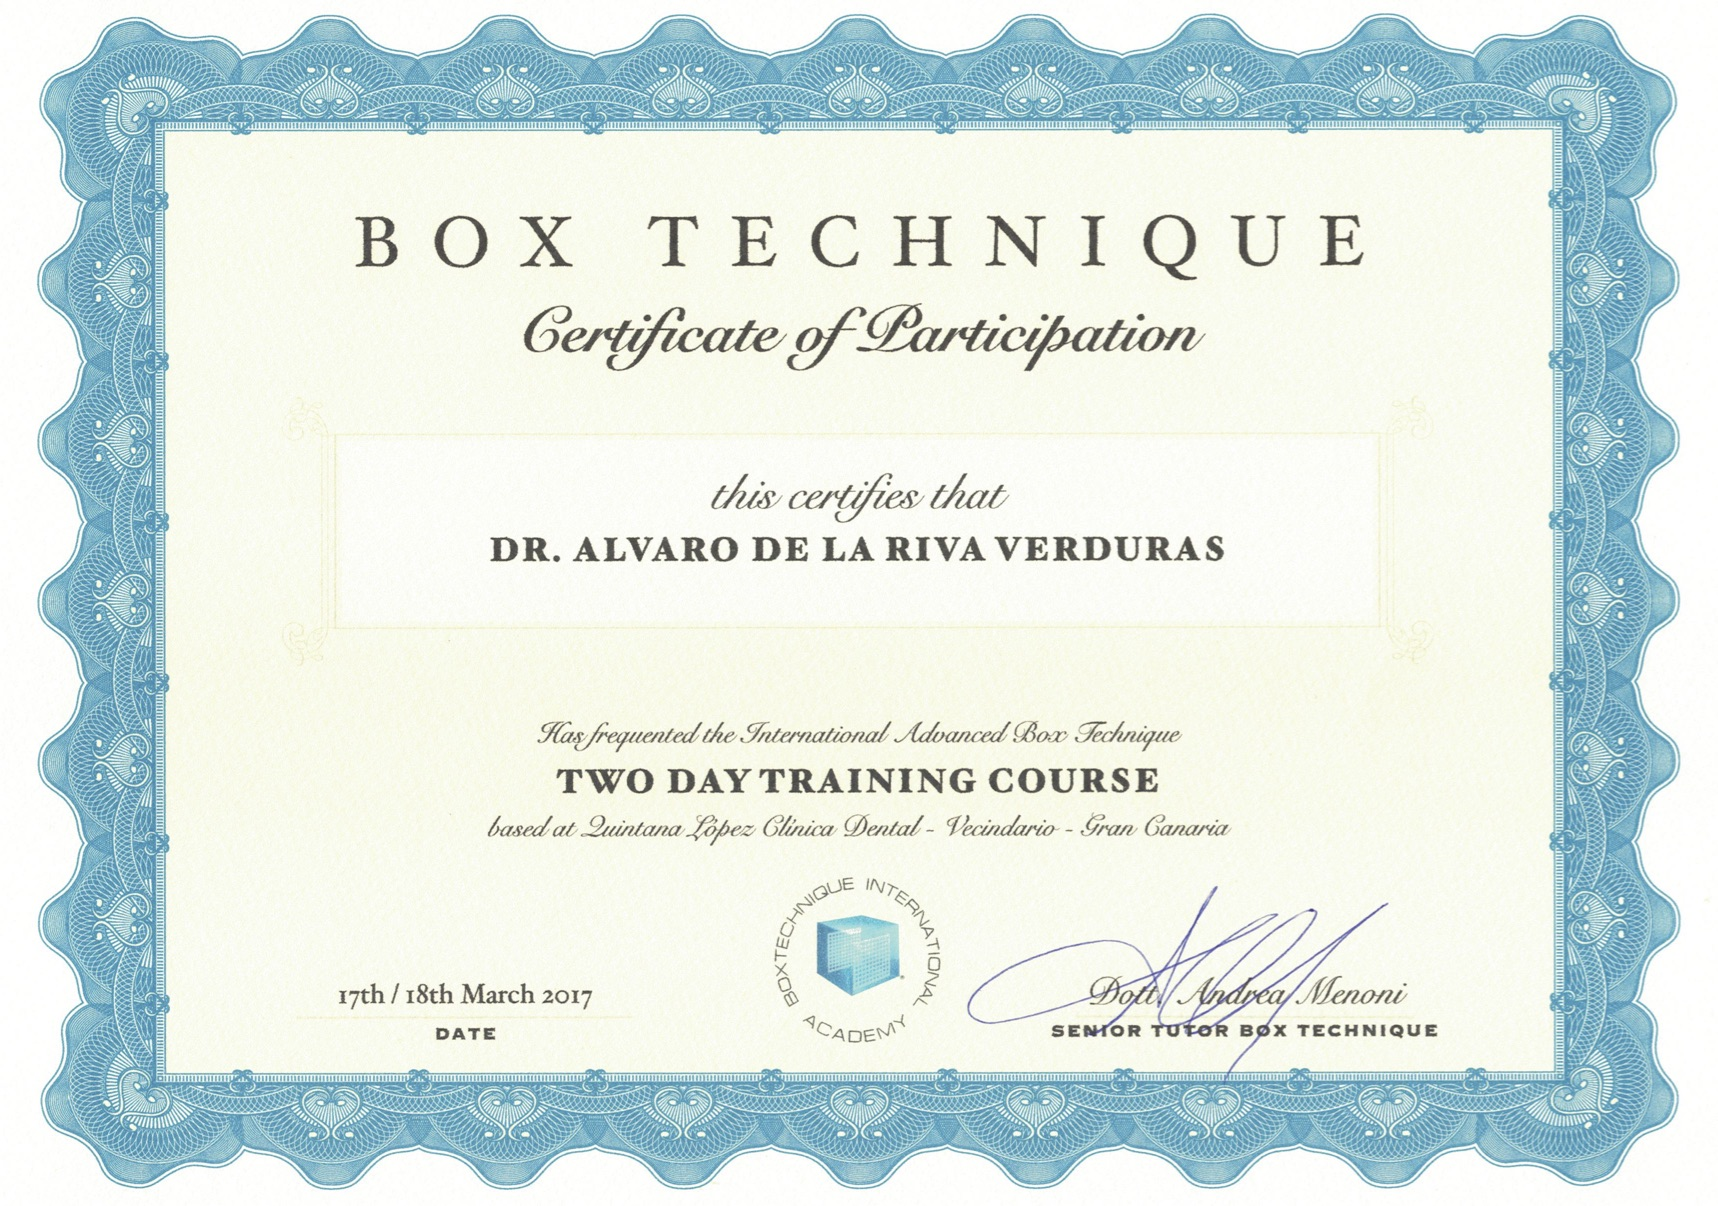 certificado box technique